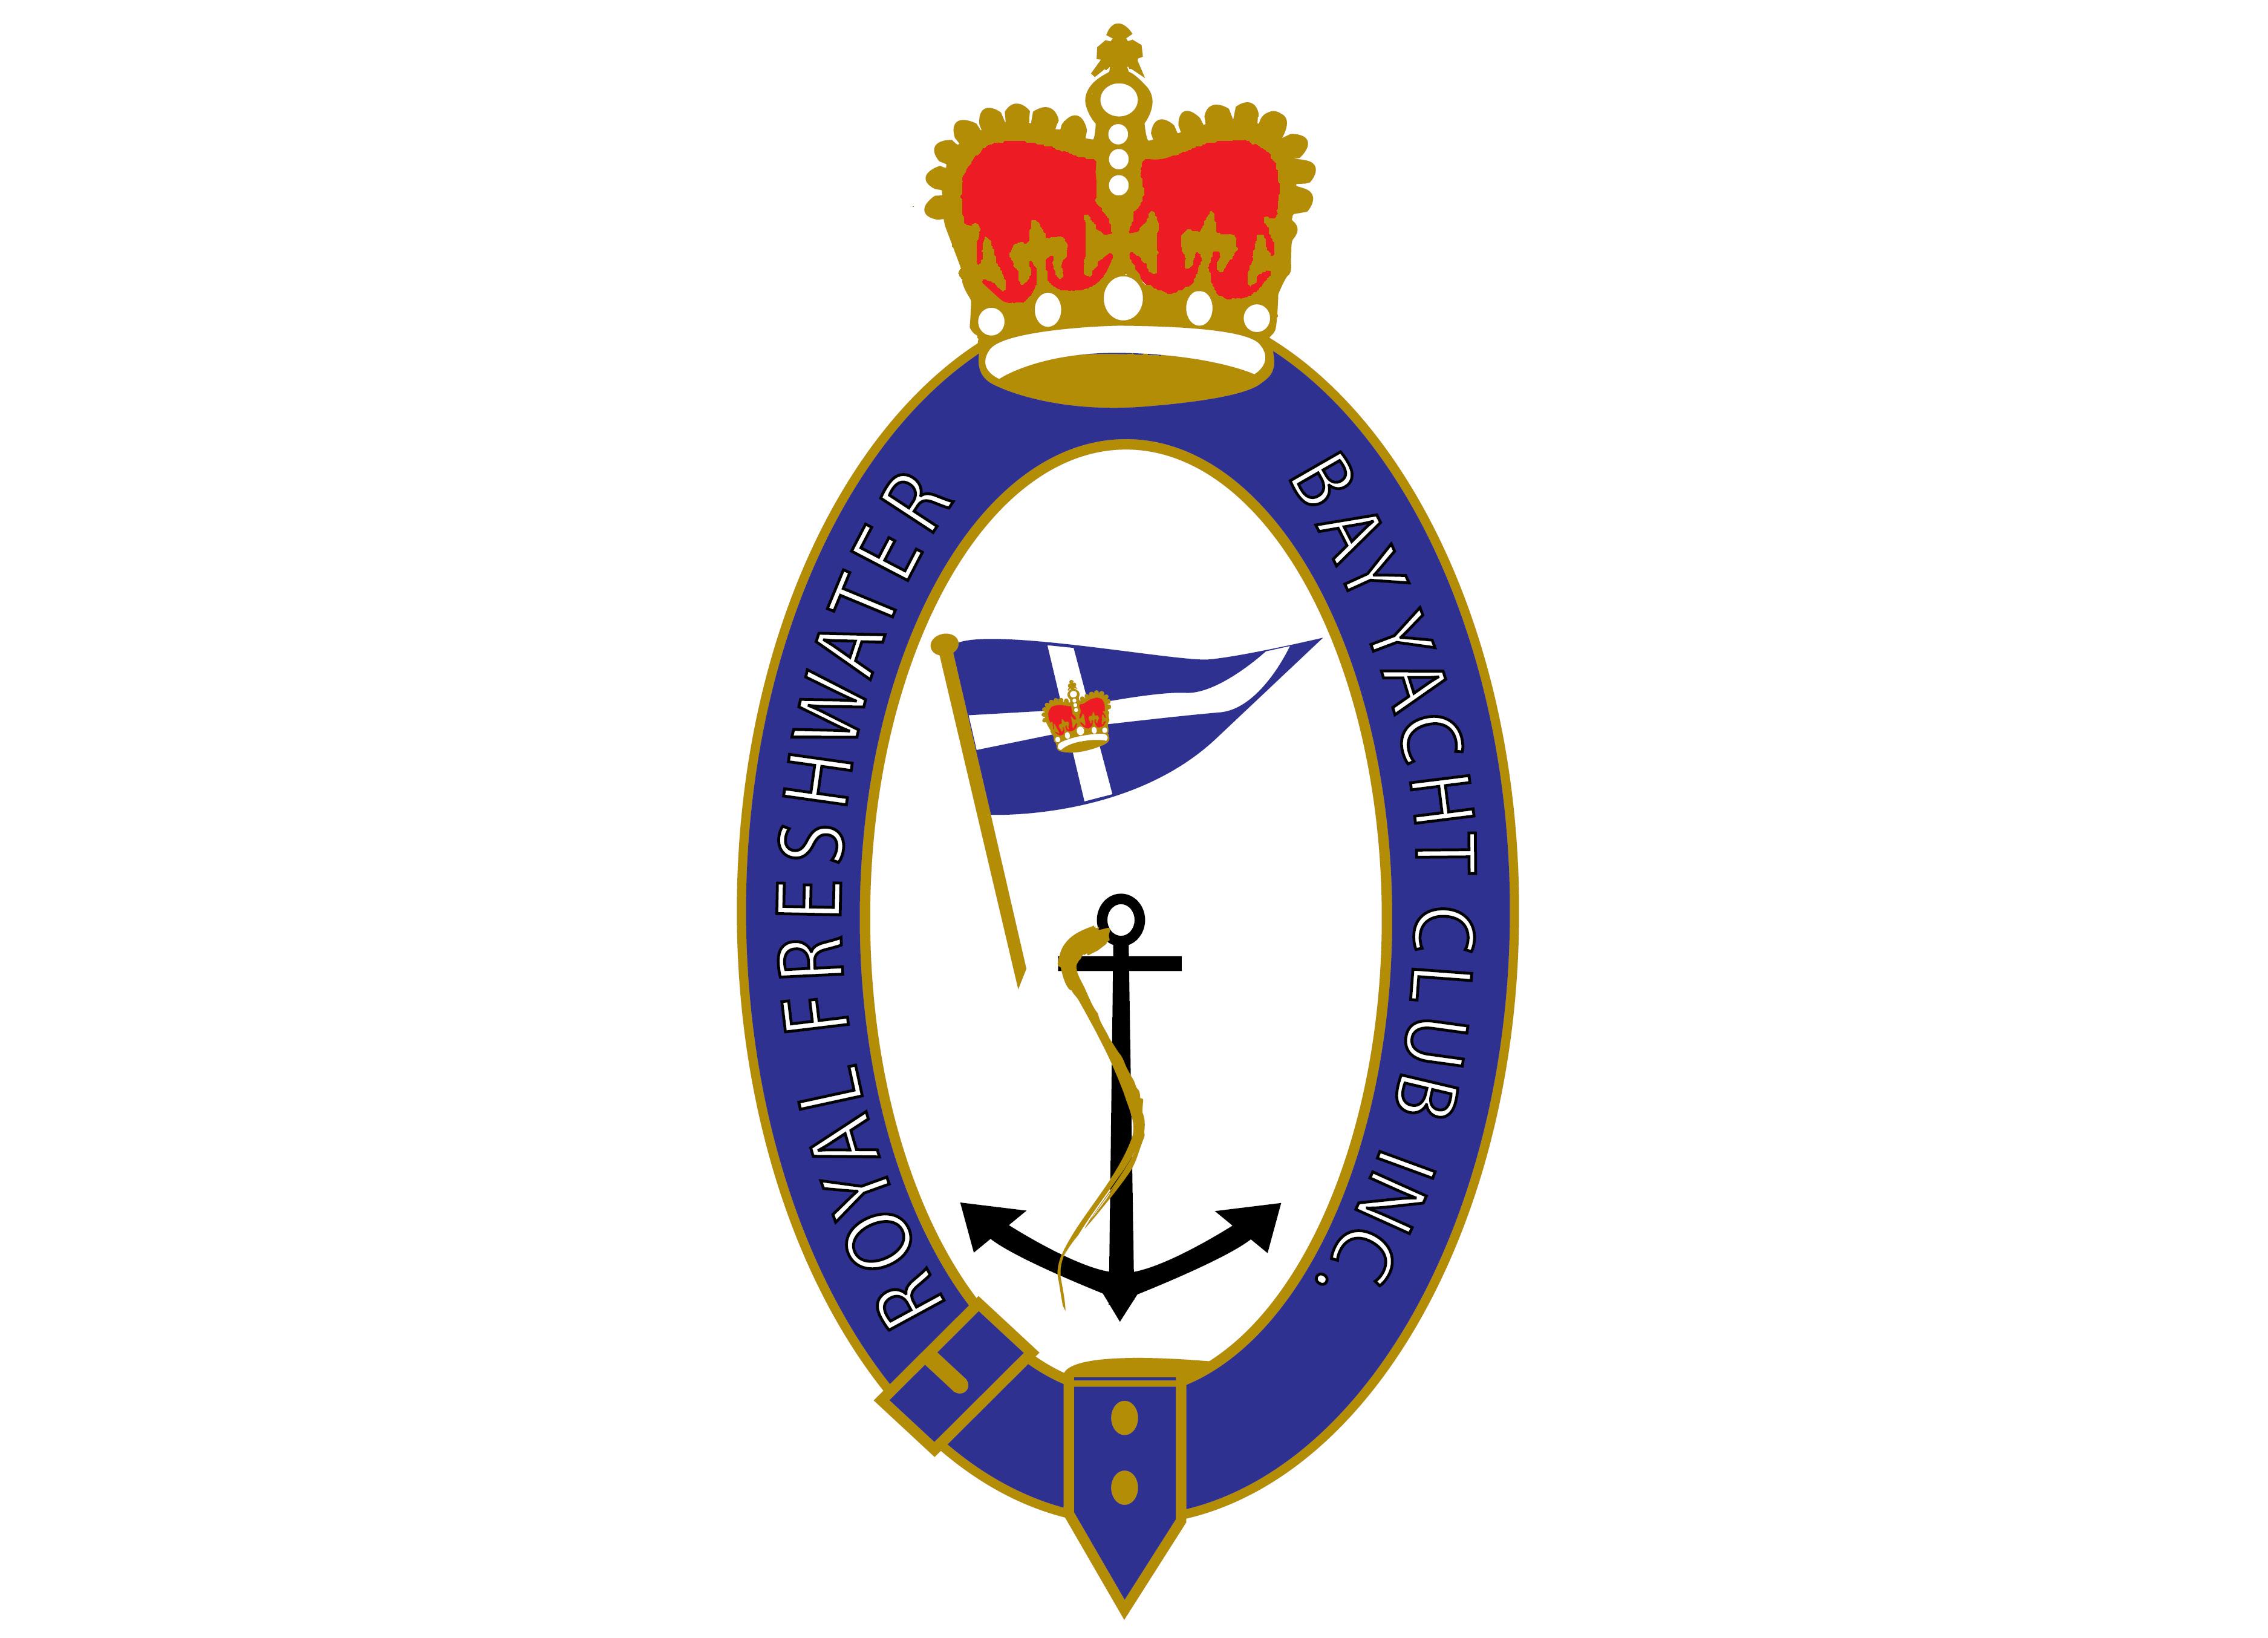 royal freshwater bay yacht club logo